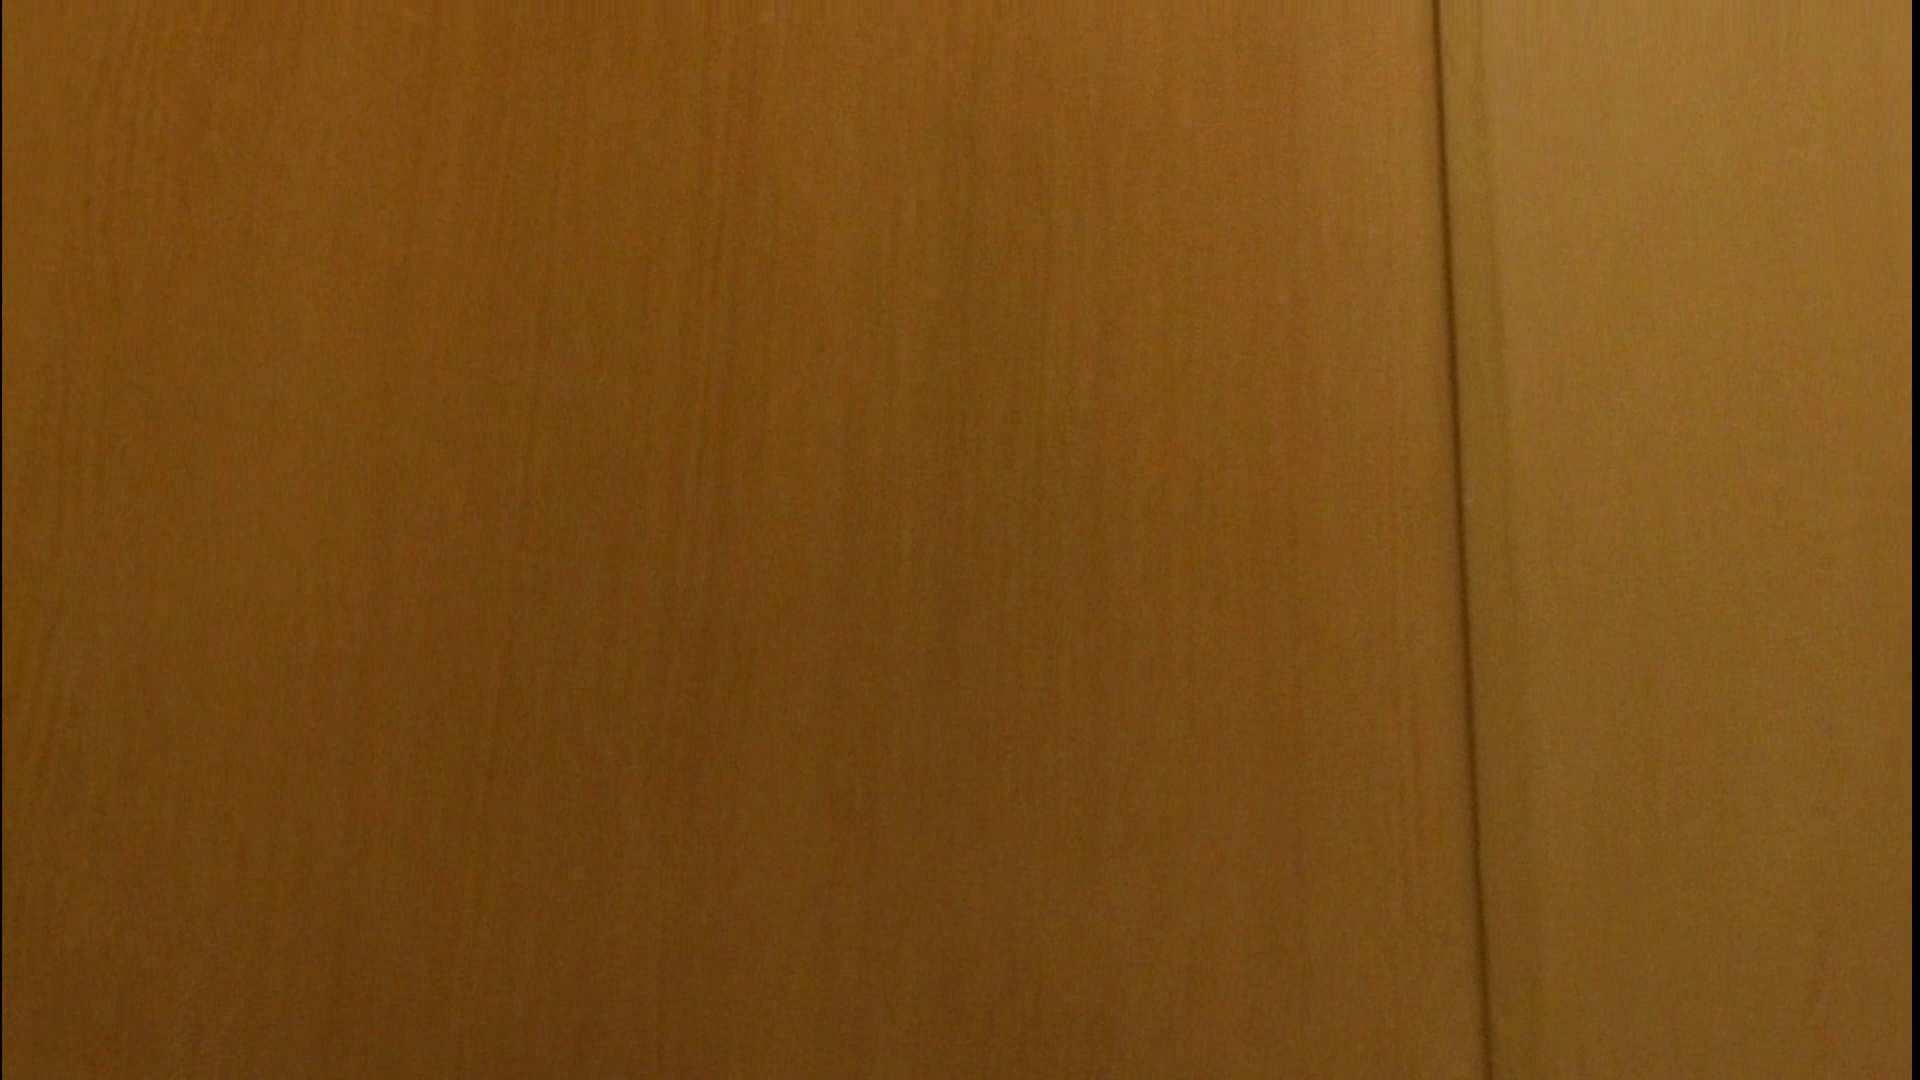 「噂」の国の厠観察日記2 Vol.13 人気シリーズ  102pic 12